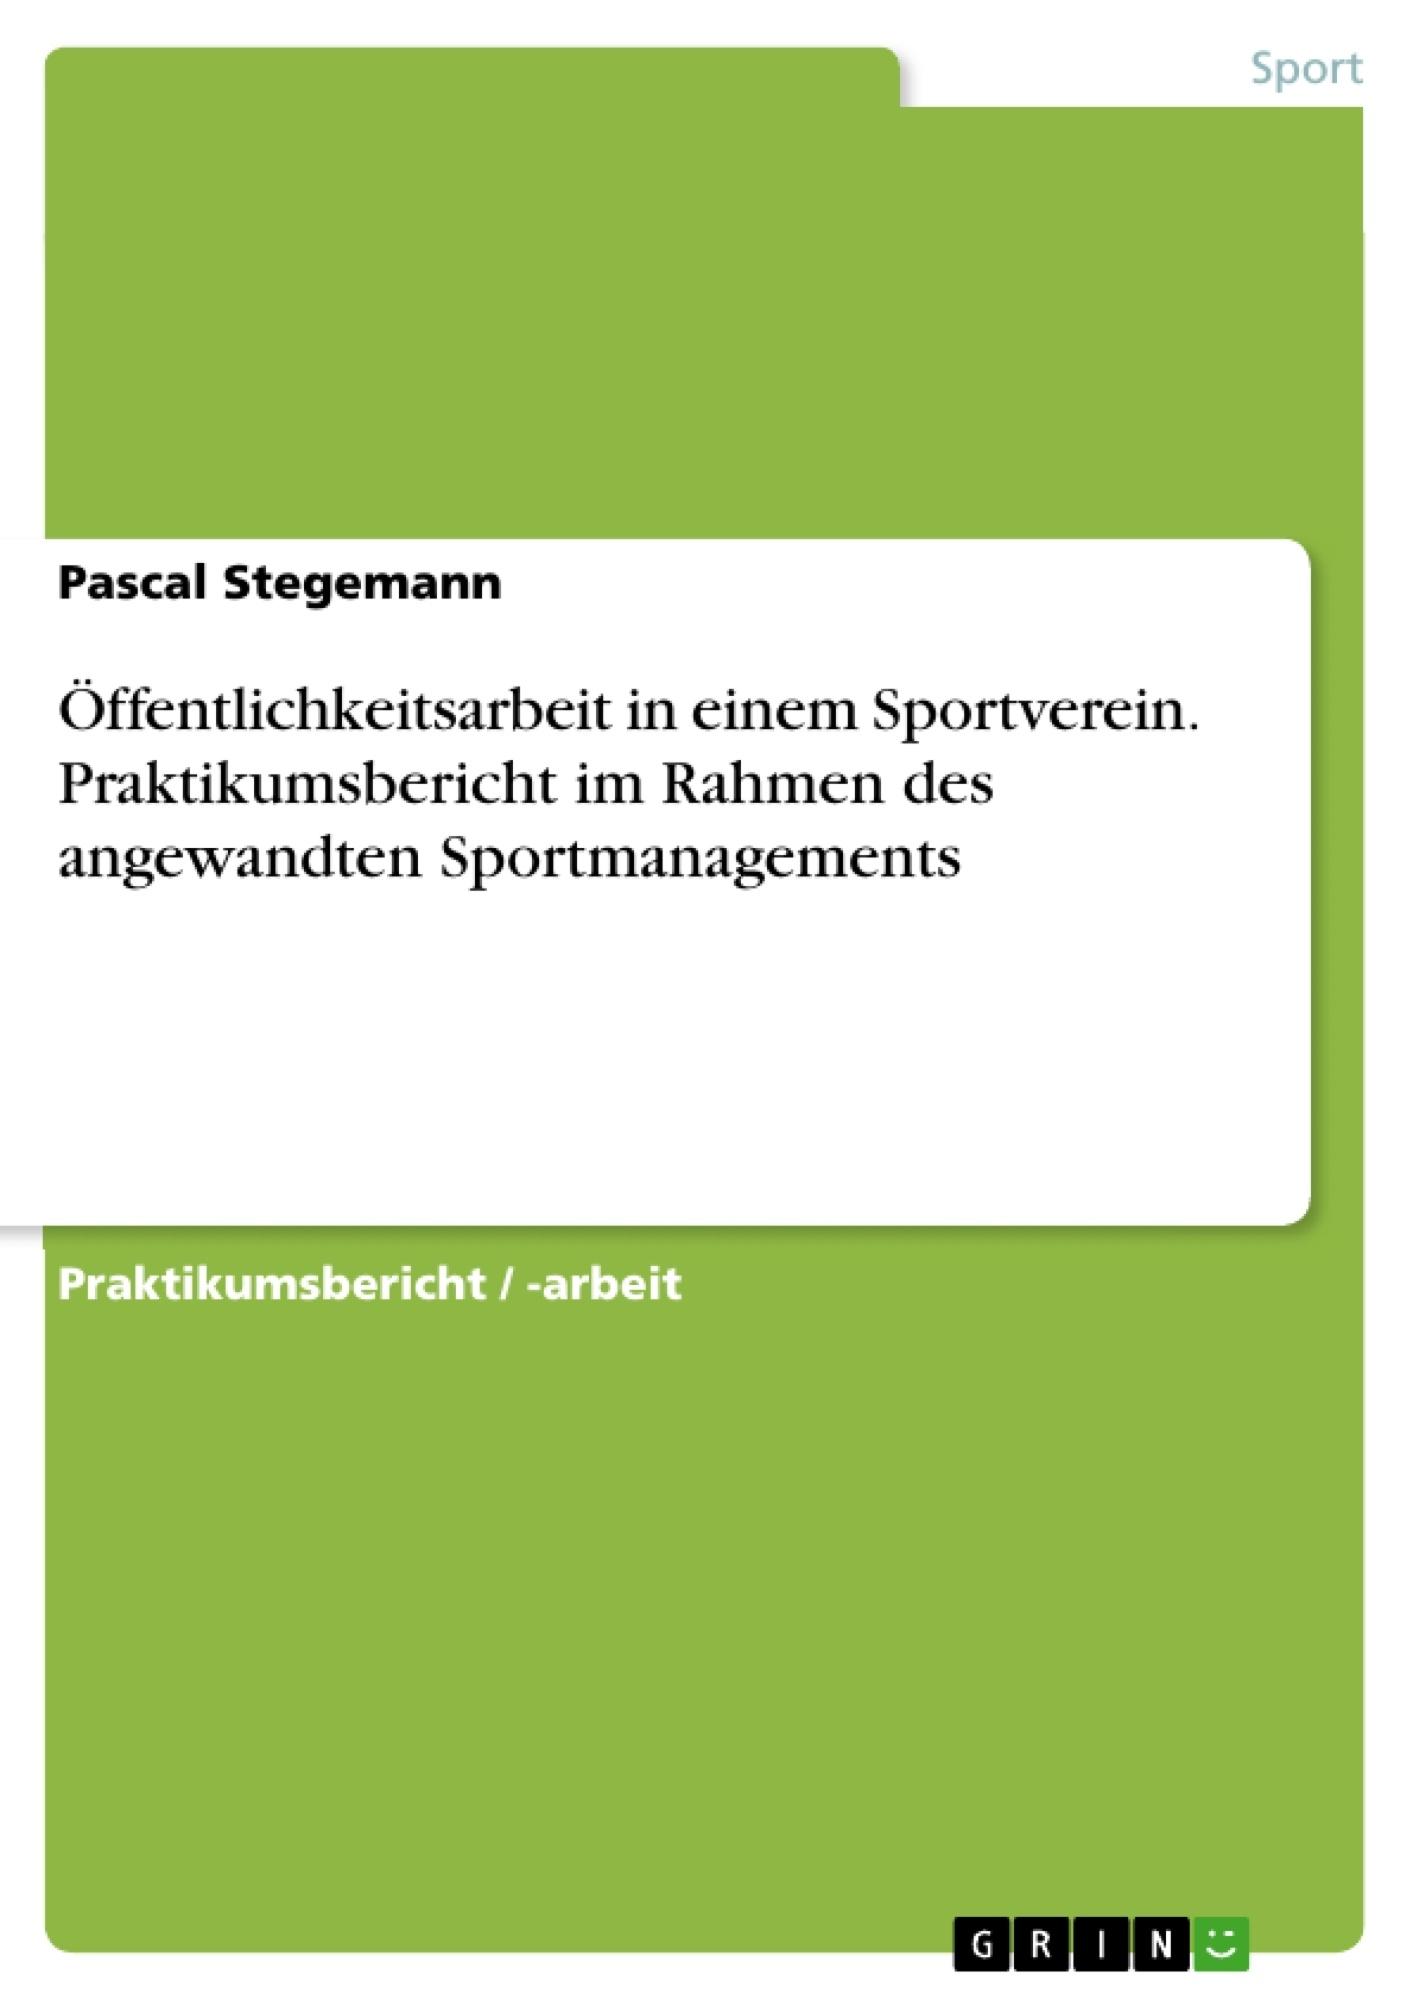 Titel: Öffentlichkeitsarbeit in einem Sportverein. Praktikumsbericht im Rahmen des angewandten Sportmanagements